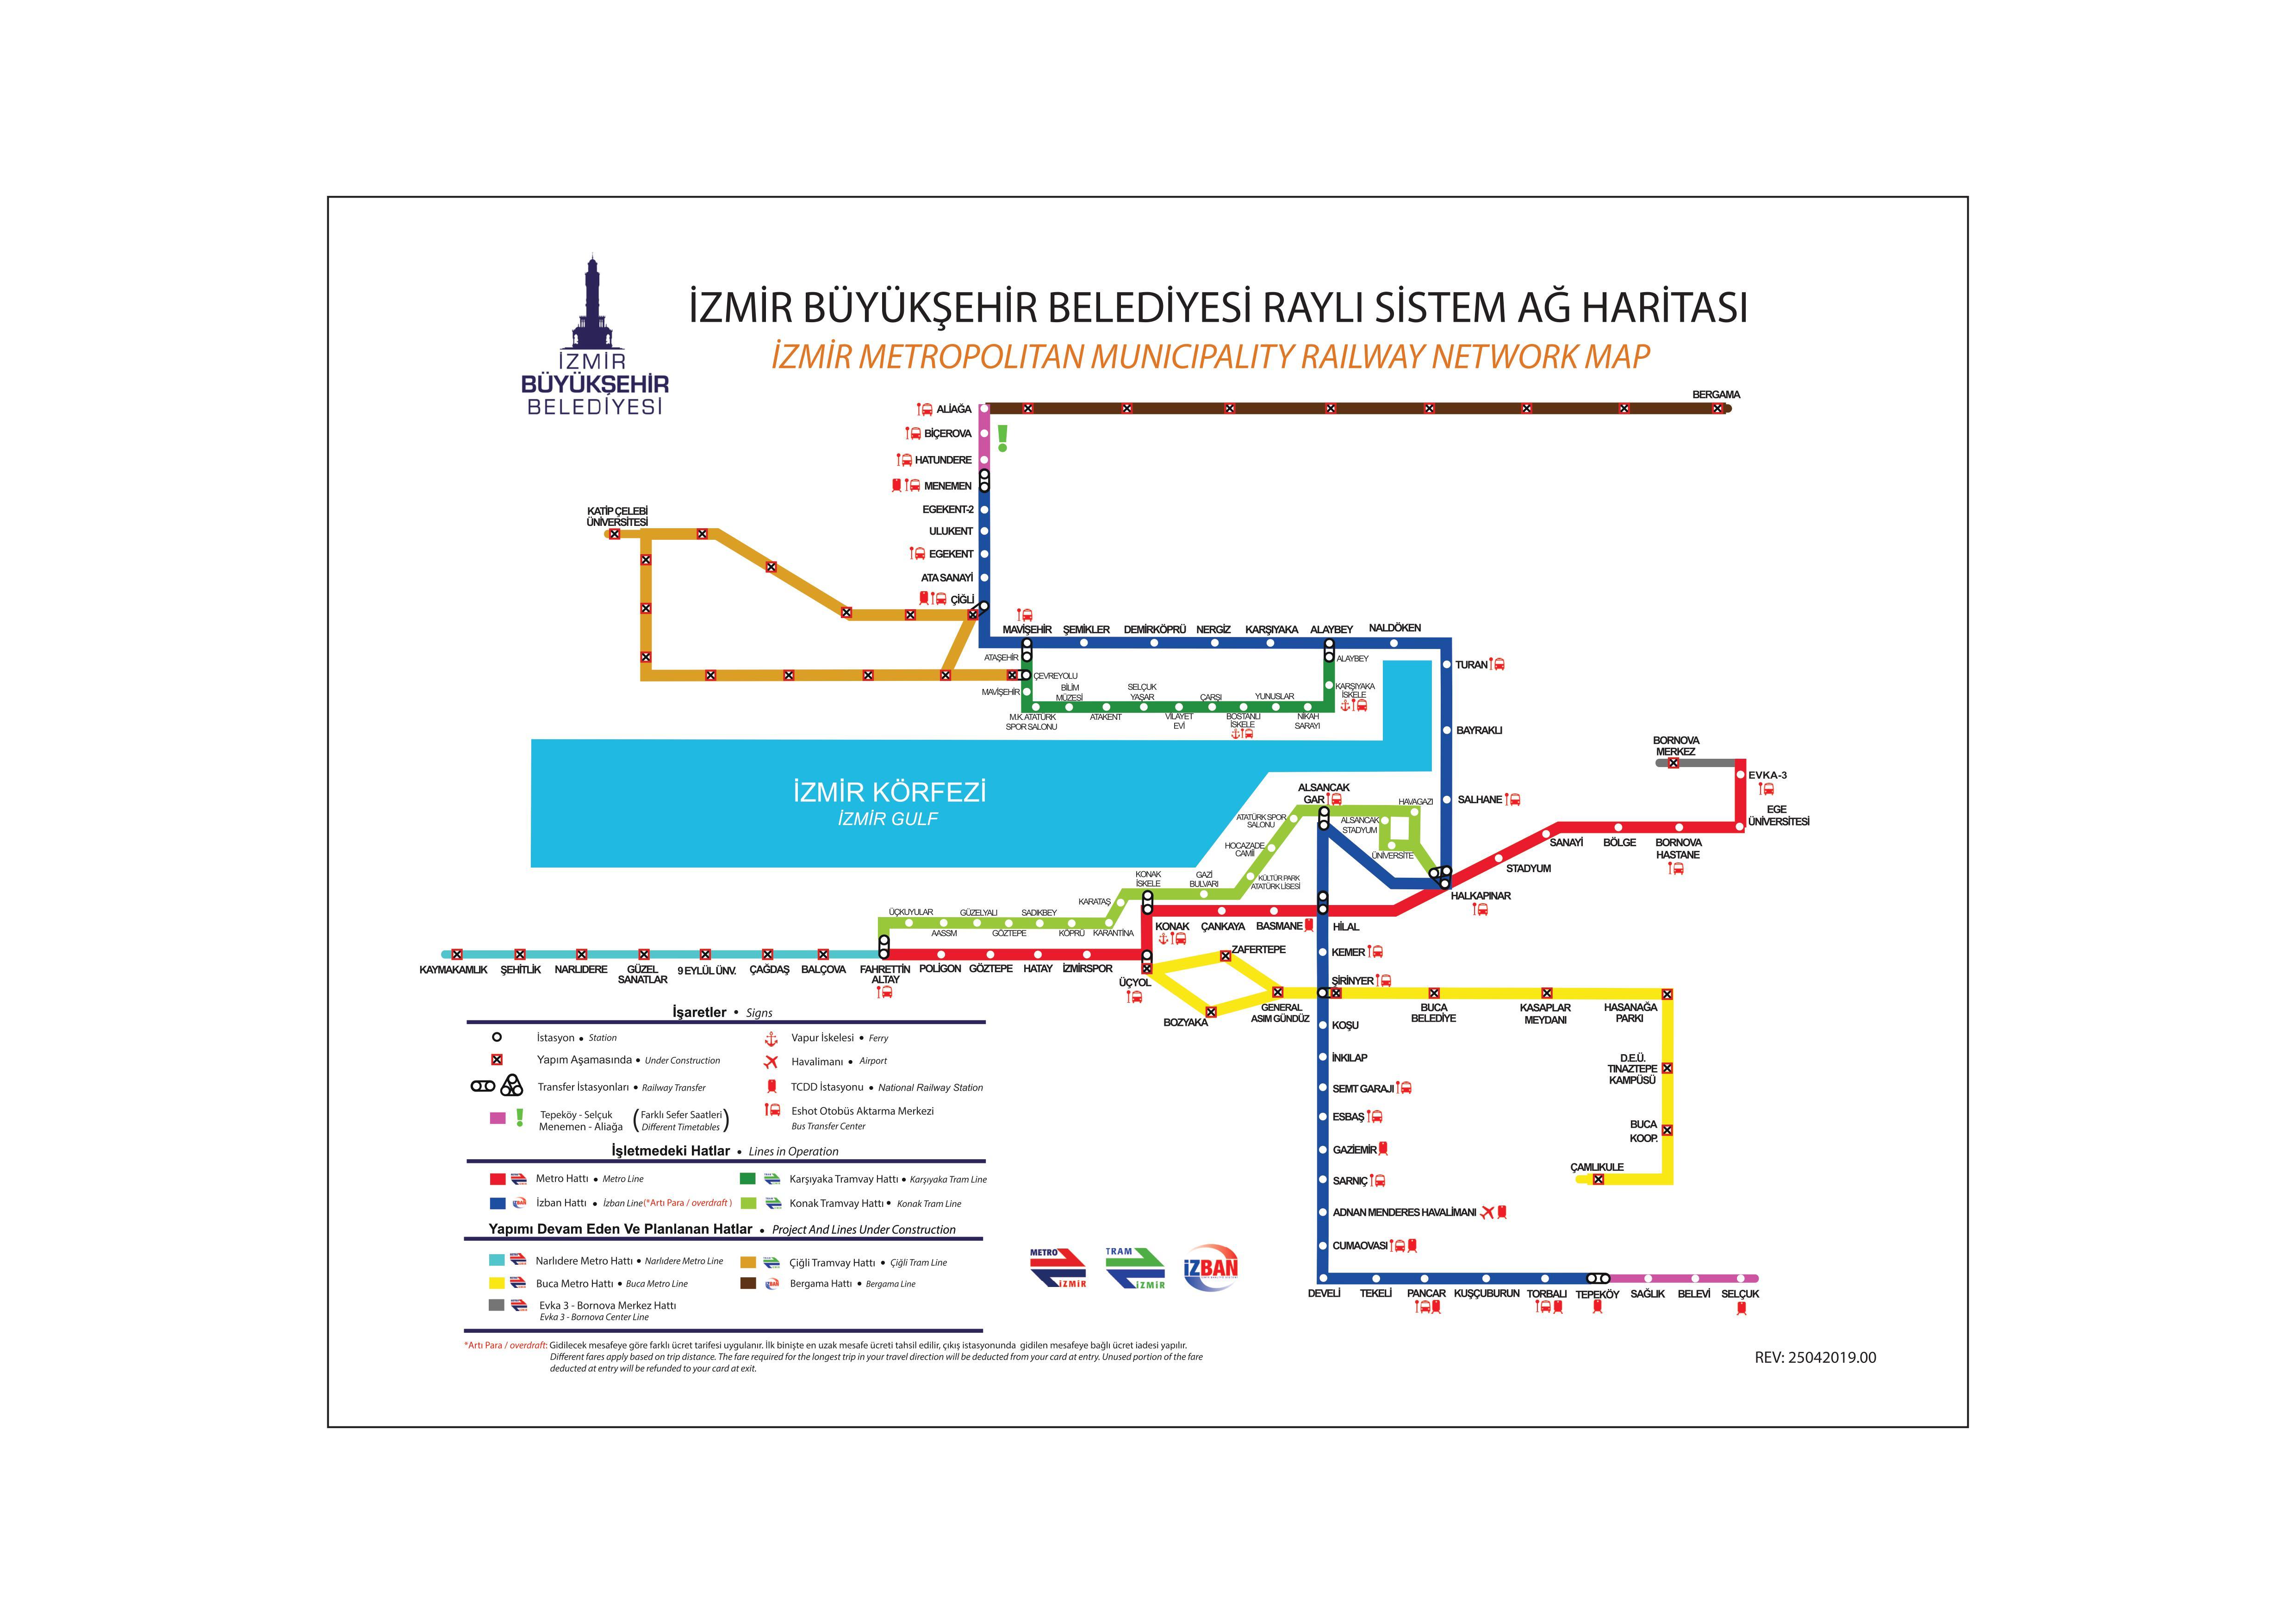 İzmir raylı sistem haritası